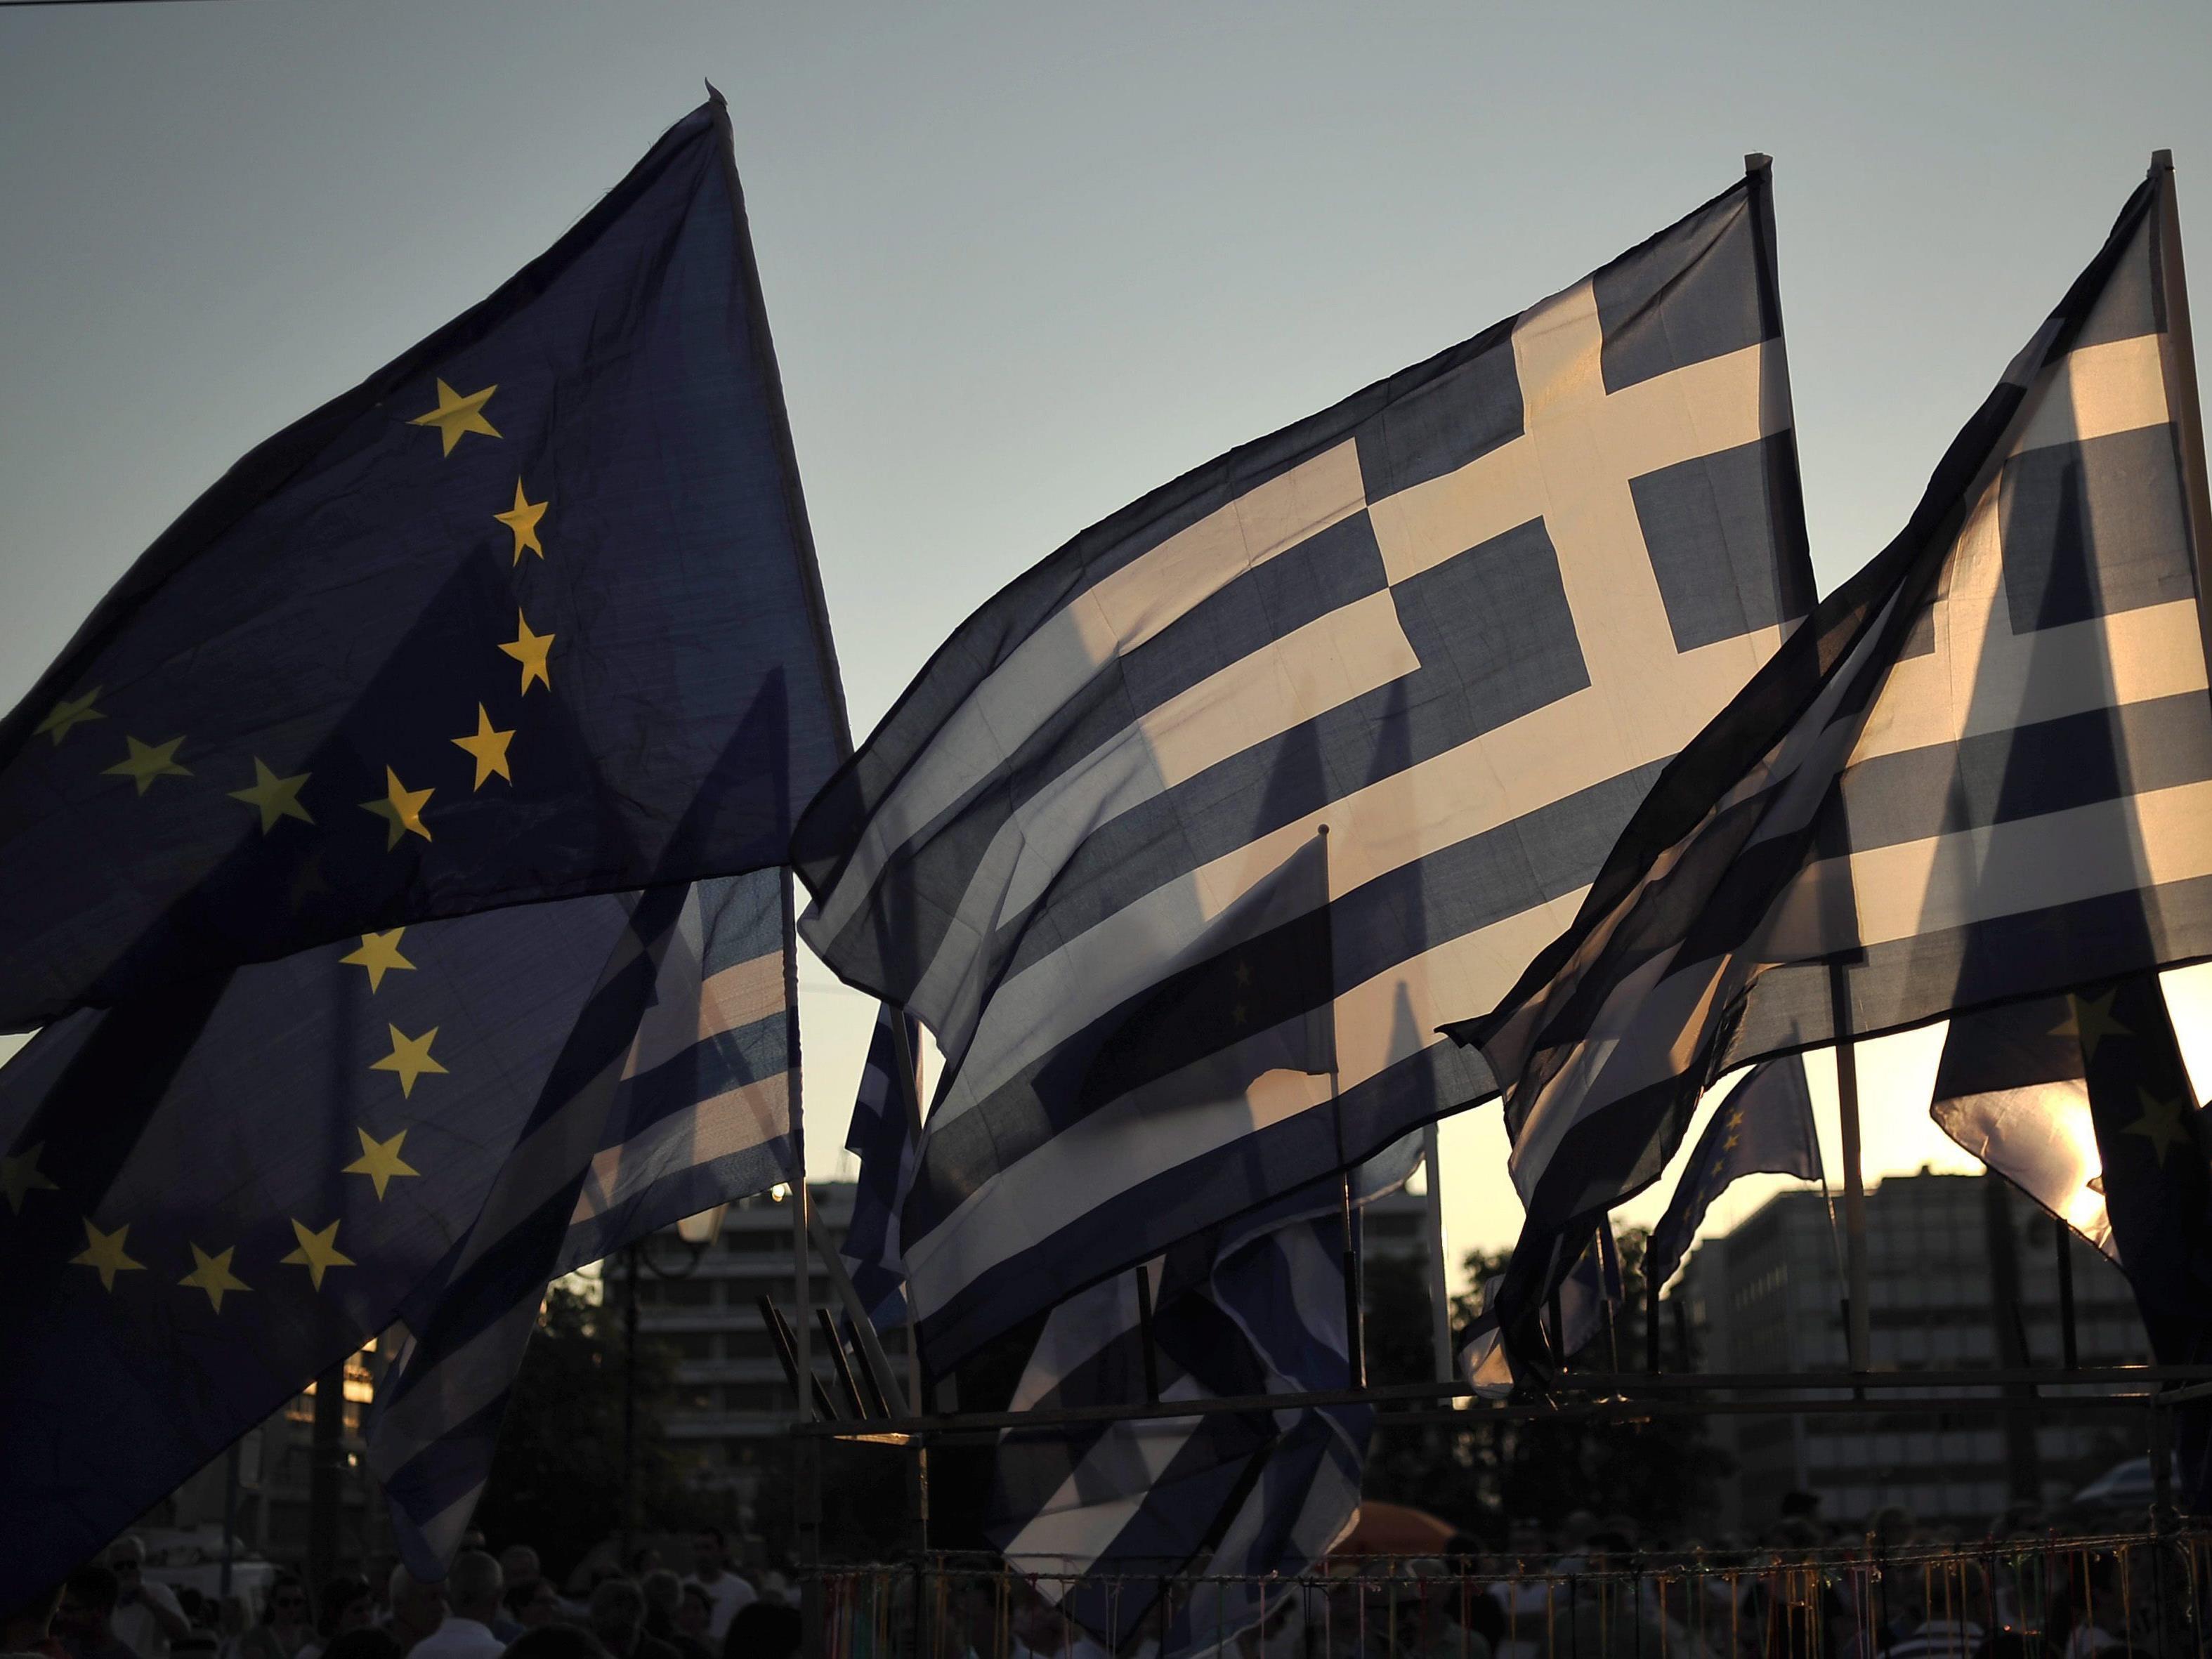 gastkommentar von Johannes Huber zum Thema Griechenland.